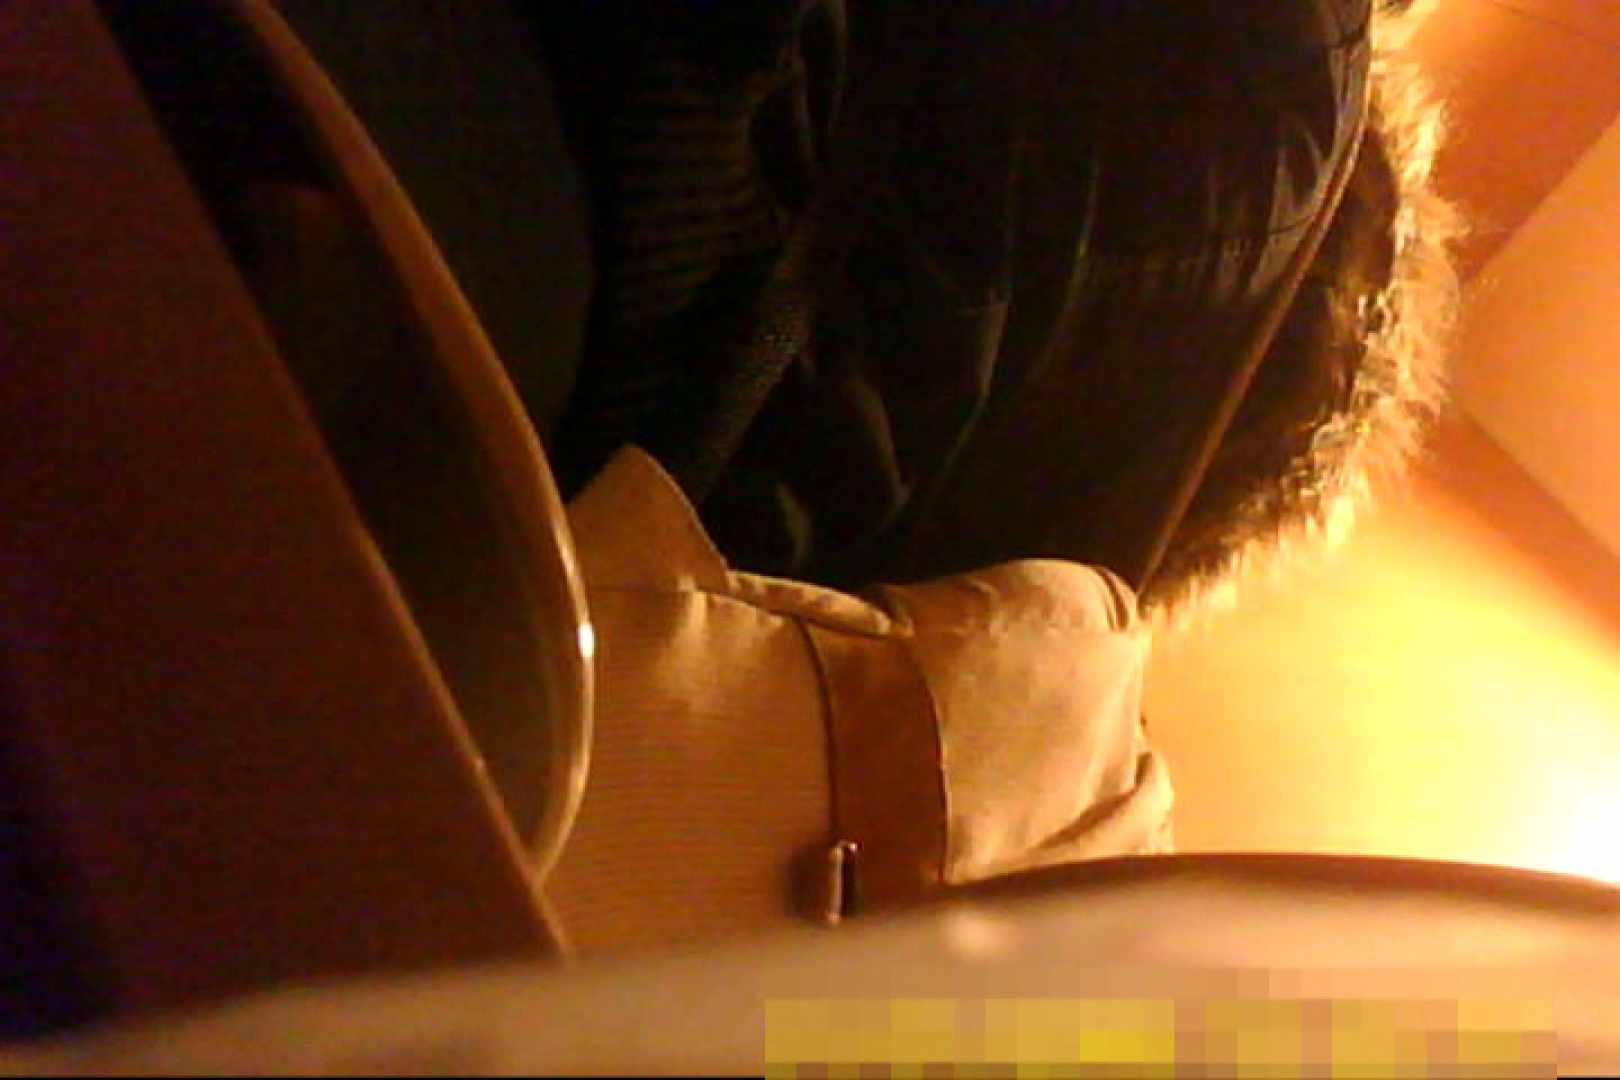 魅惑の化粧室~禁断のプライベート空間~vol.7 プライベート   独身エッチOL  89pic 1